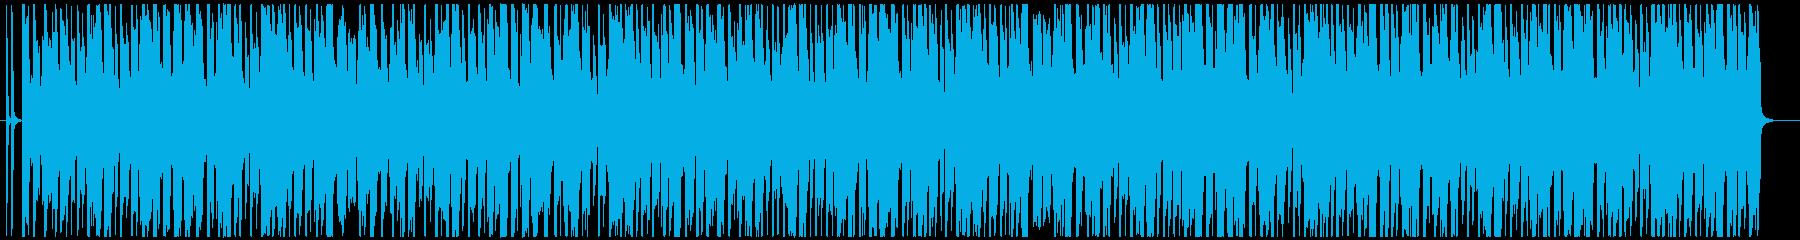 アーバンな4つ打ちボーイズK-POPの再生済みの波形